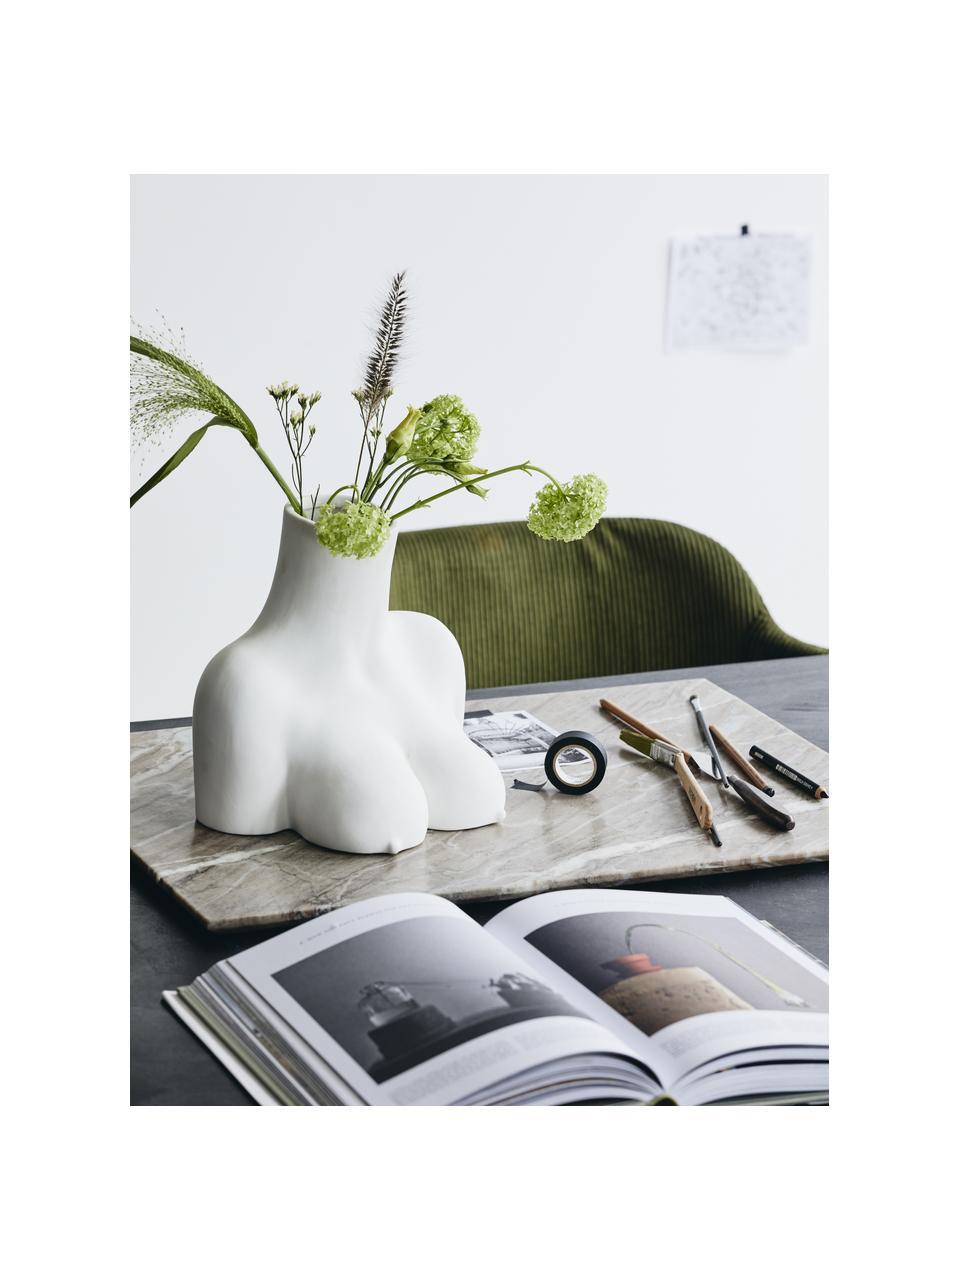 Design-Vase Avaji in Weiß, Keramik, Weiß, 27 x 23 cm